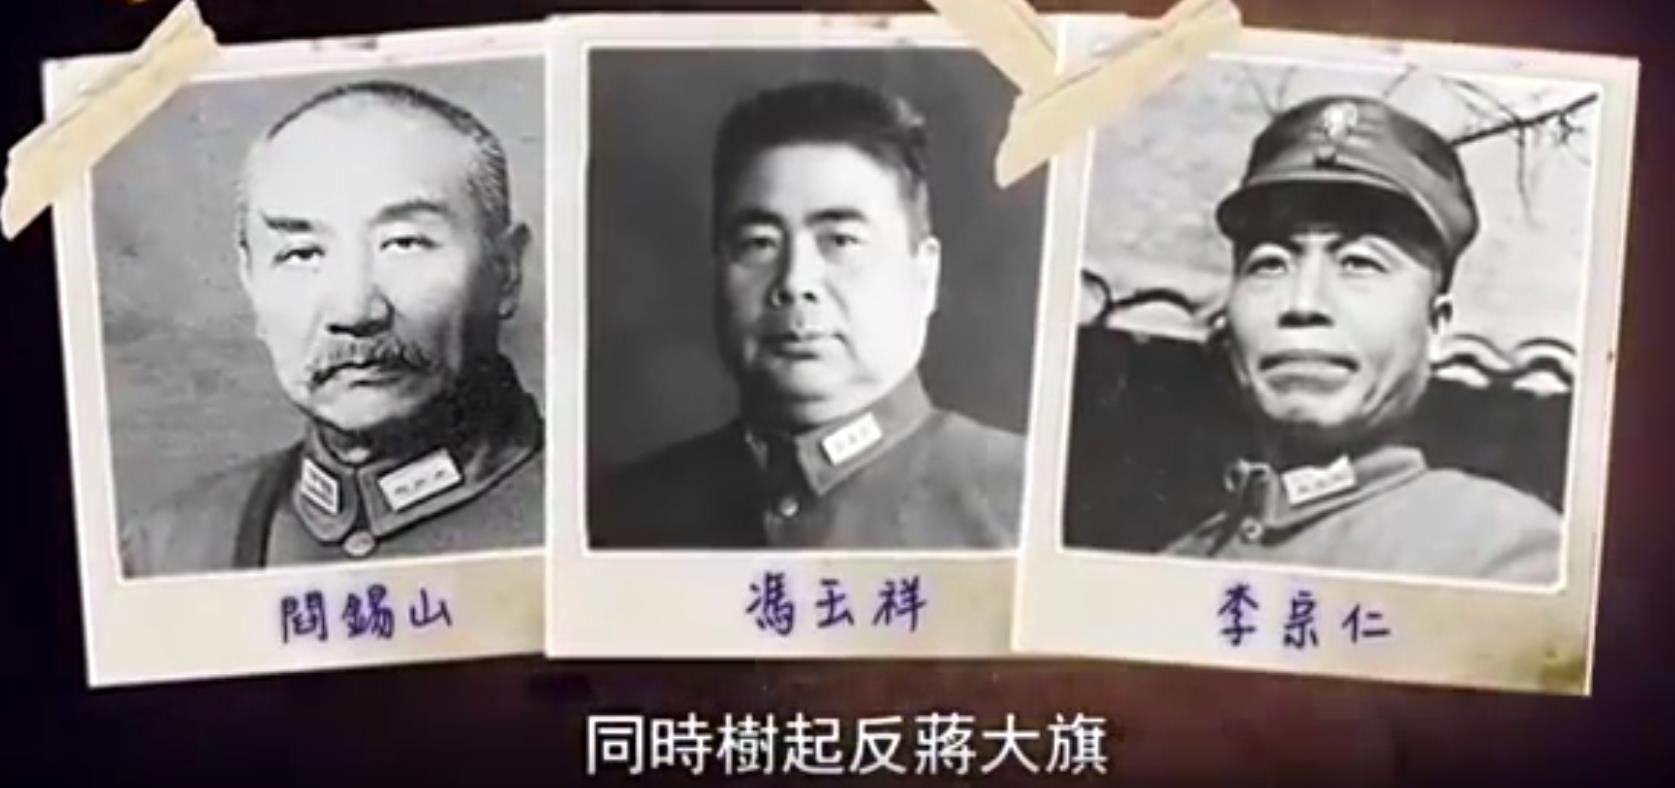 中原大战:历史上规模最大的军阀混战